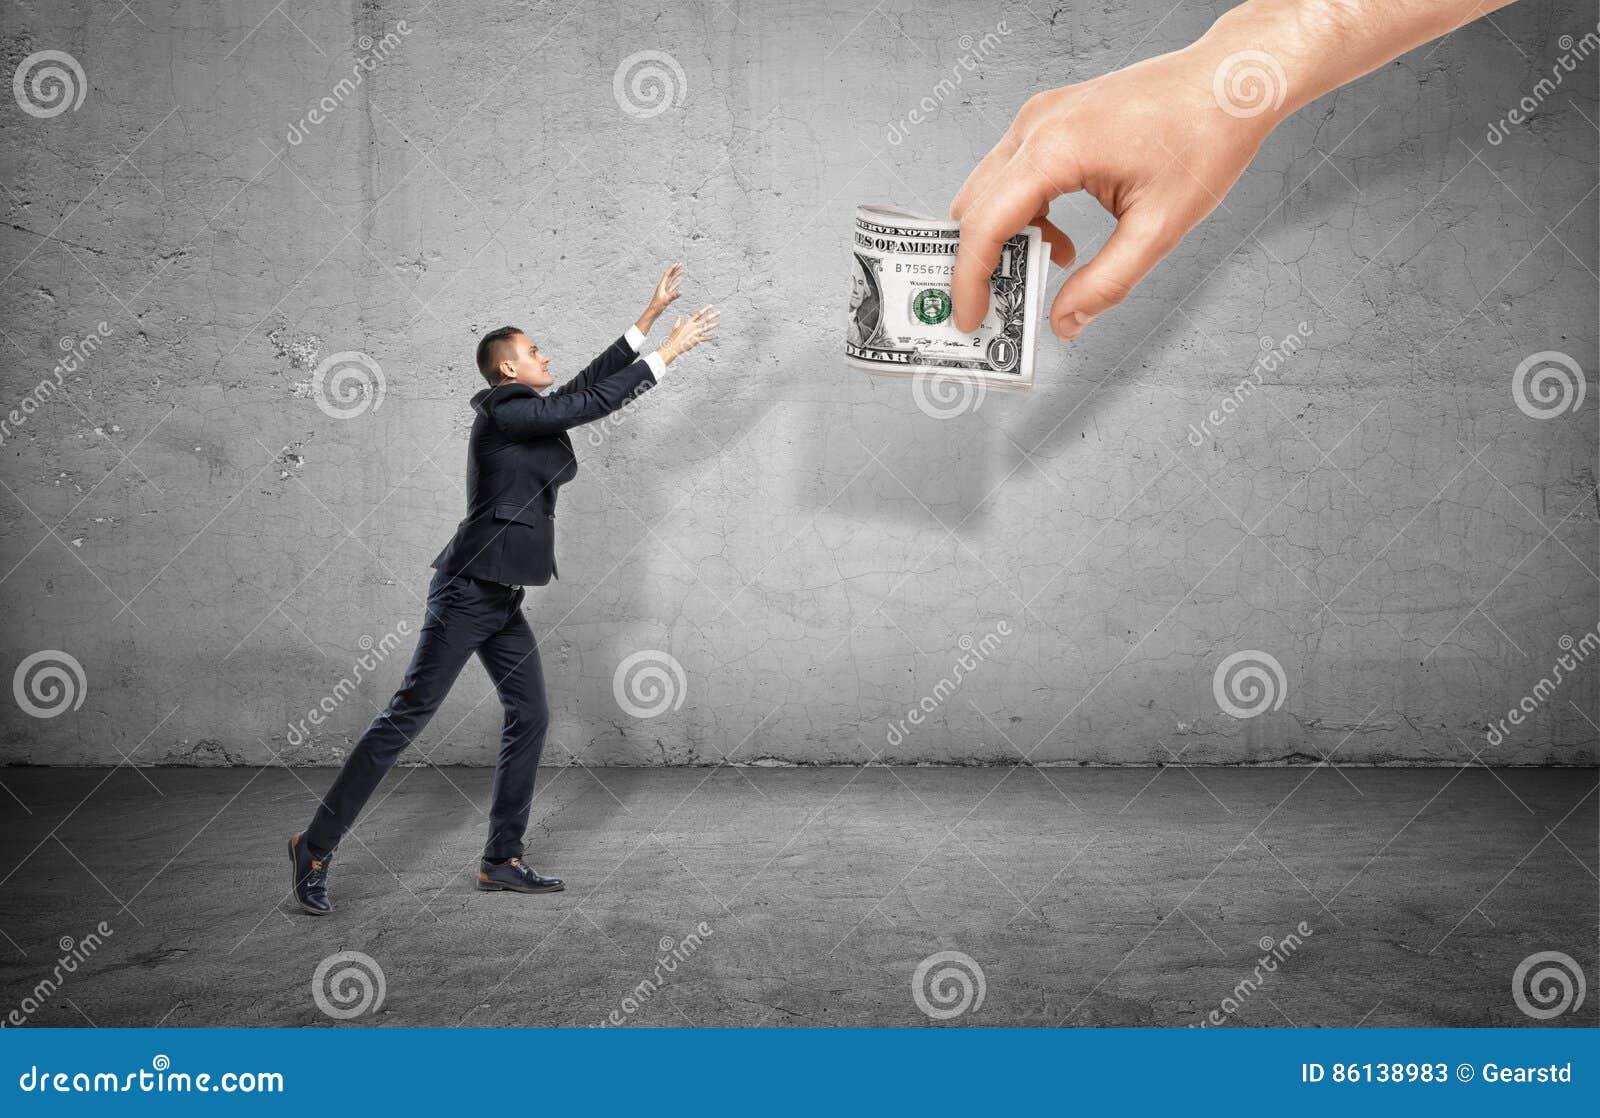 Kleinunternehmer auf dem konkreten Hintergrund, der heraus für eine riesige Hand hält Geld erreicht